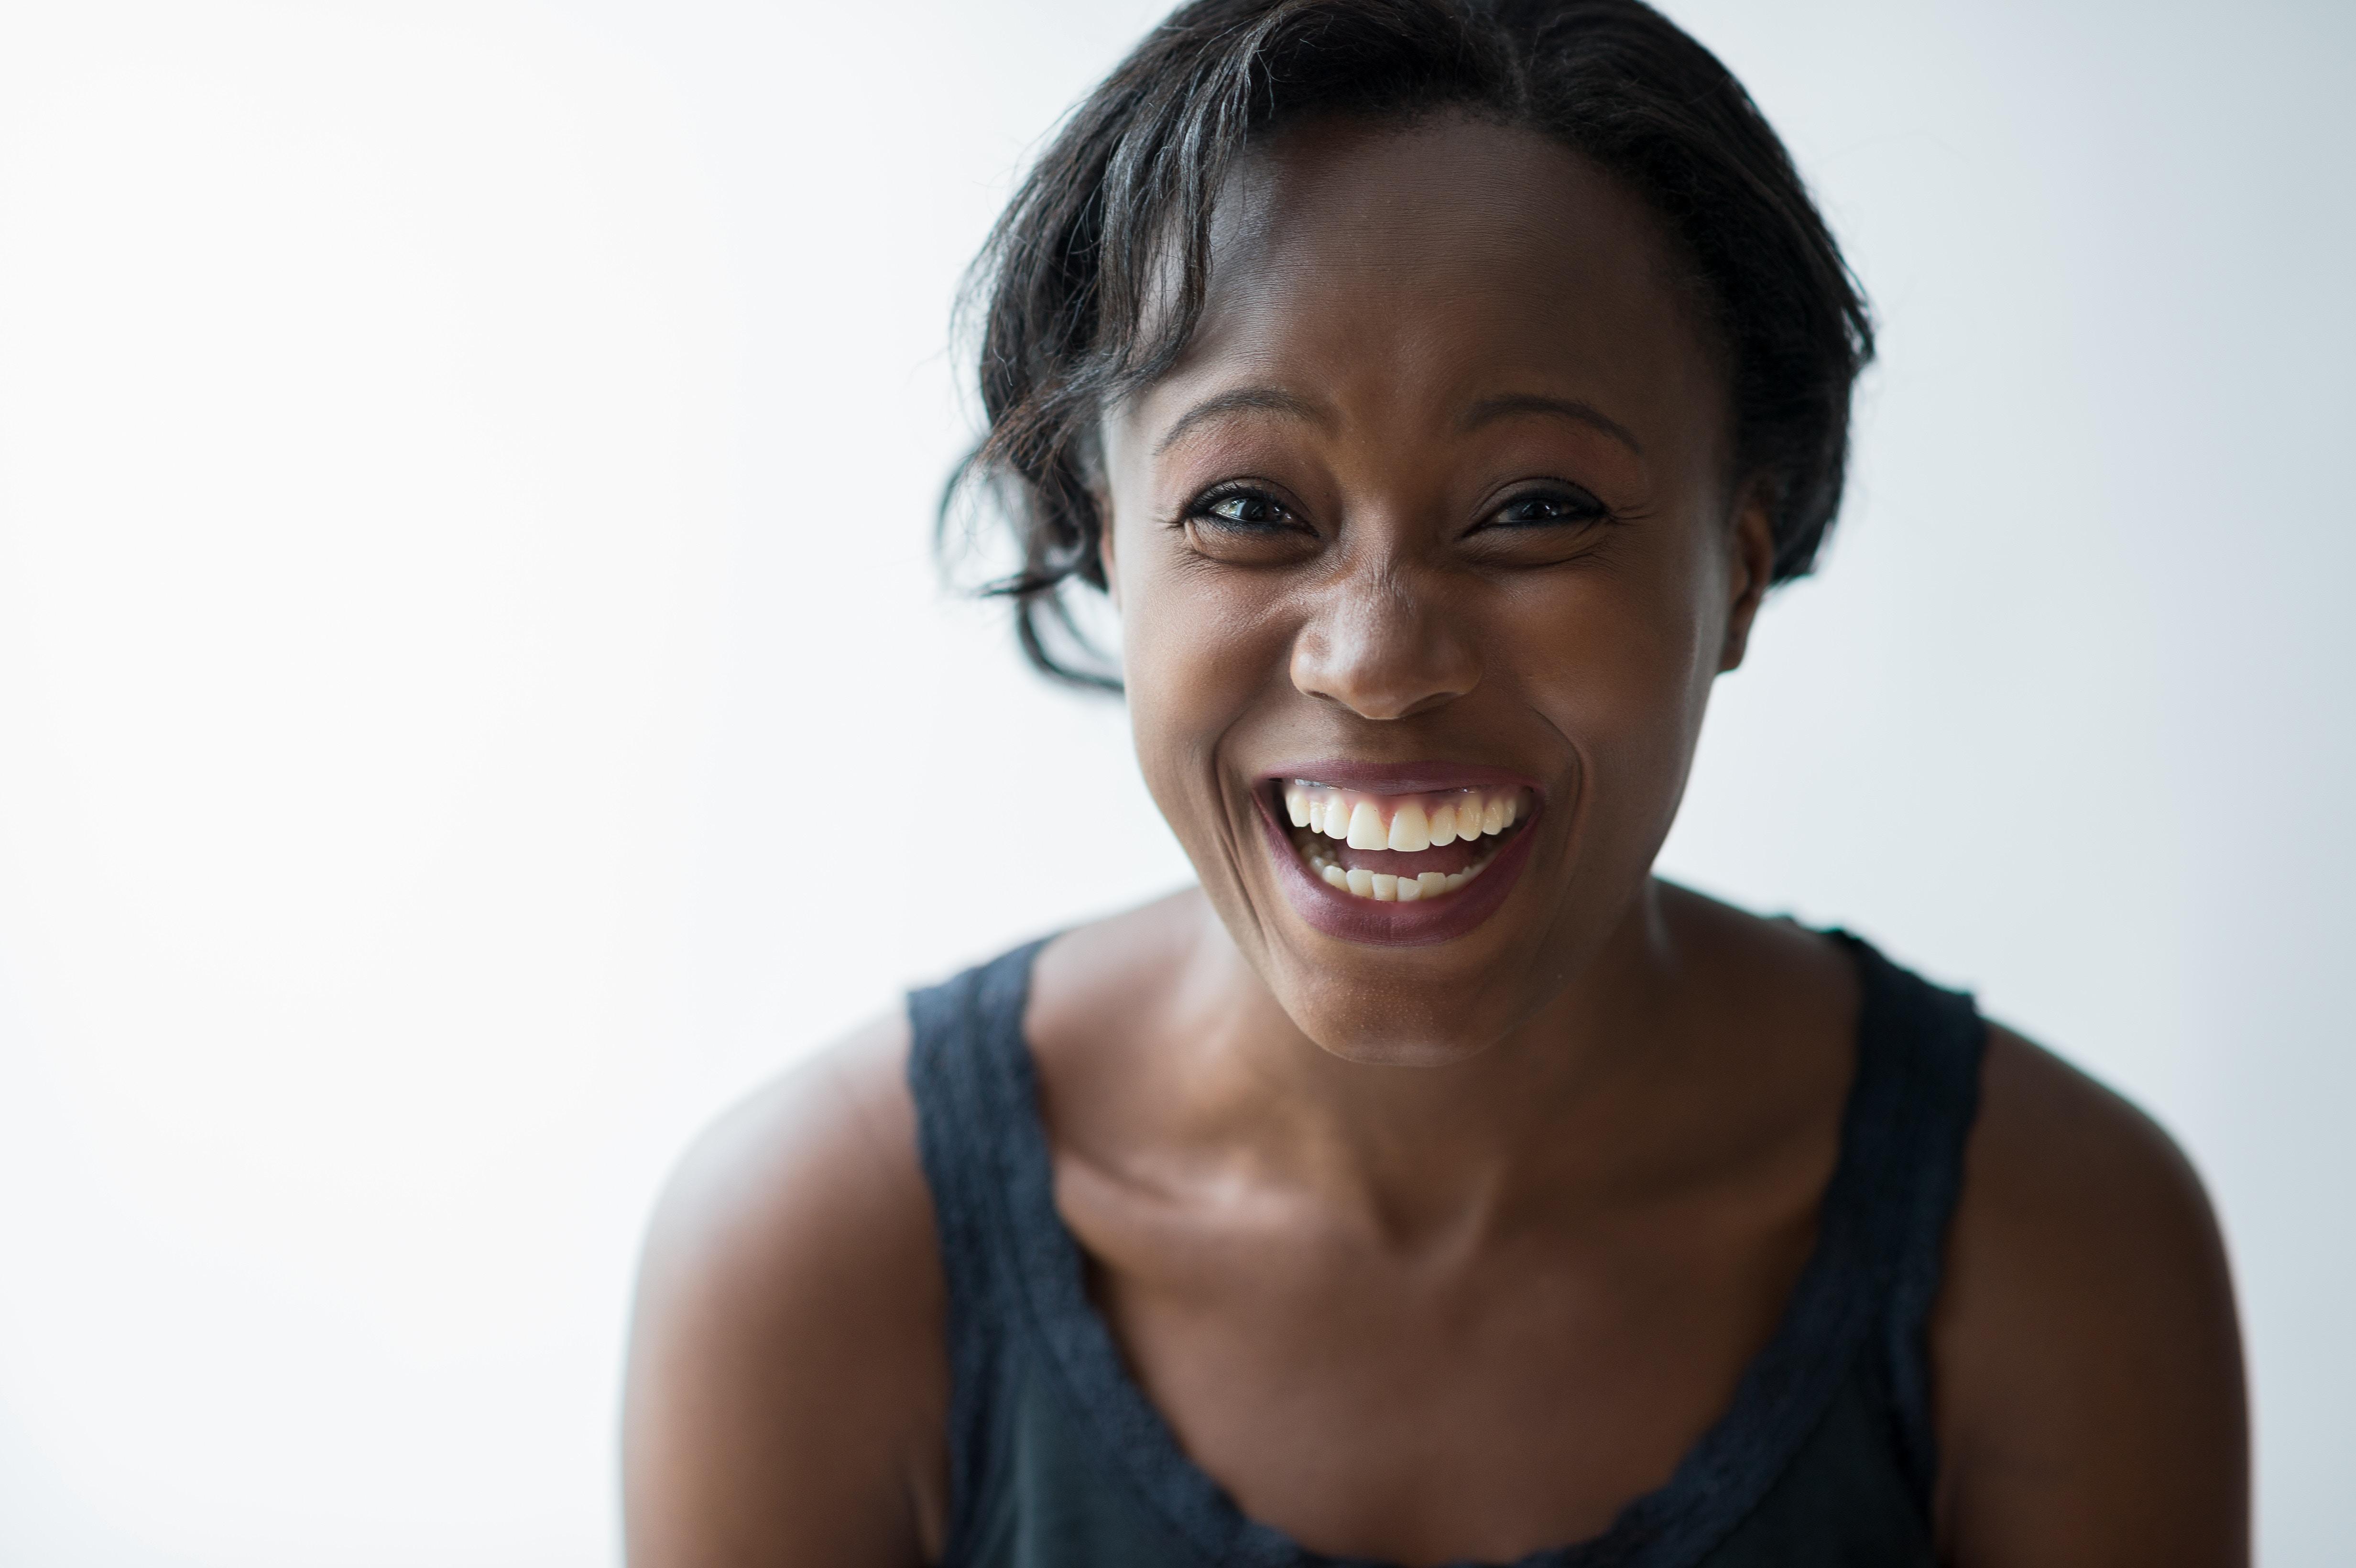 « Le rire est une joie pure et simple et, à condition d'être sans excès, il est bon par soi. » – Spinoza